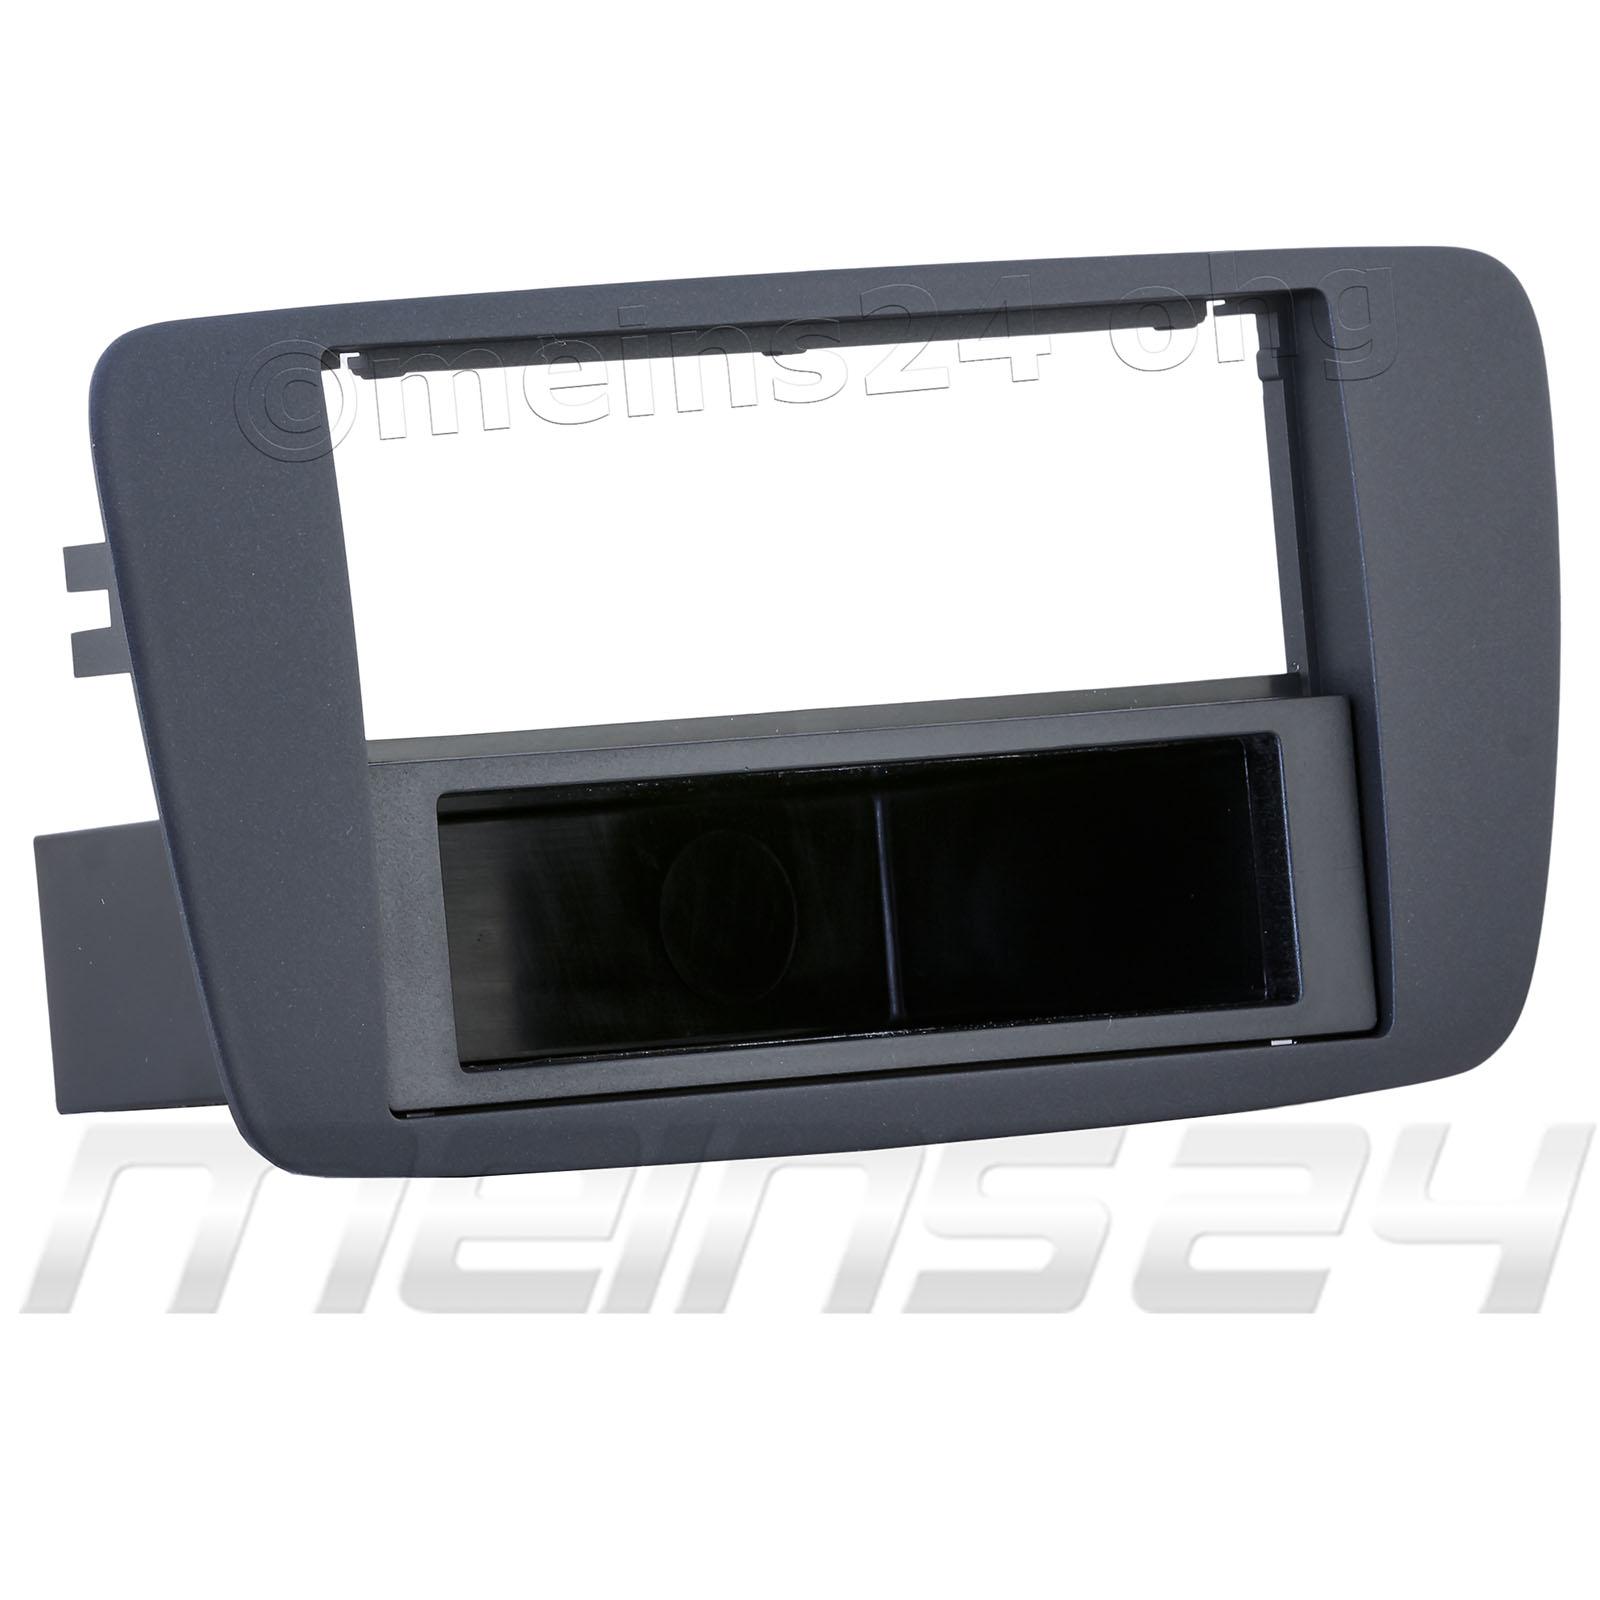 Radioblende passend für SEAT Ibiza (4G - Typ 6J/6P)